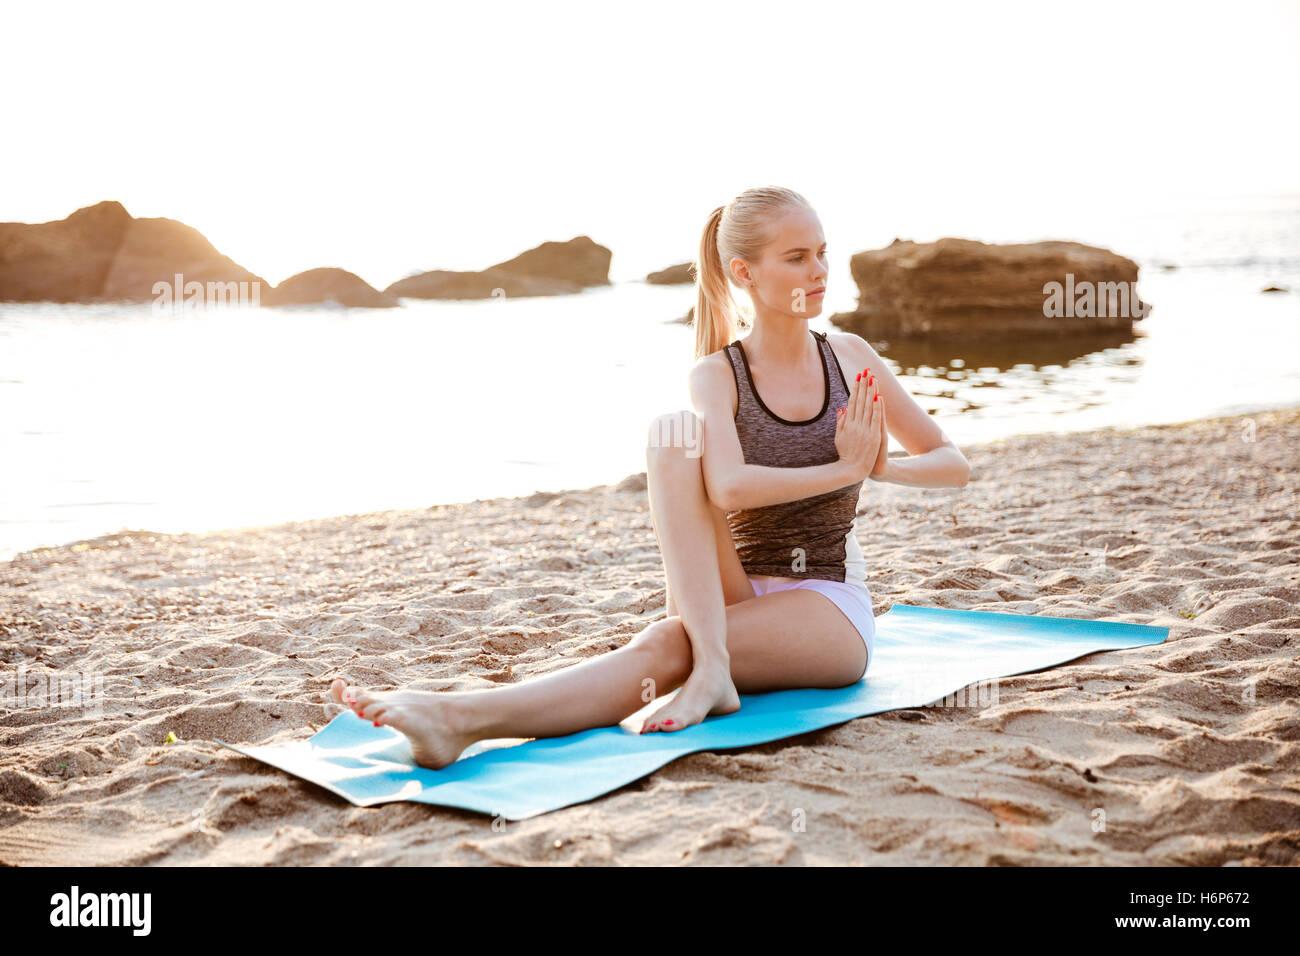 Ritratto di una giovane ragazza facendo esercizi di stretching sulla spiaggia di mattina Immagini Stock